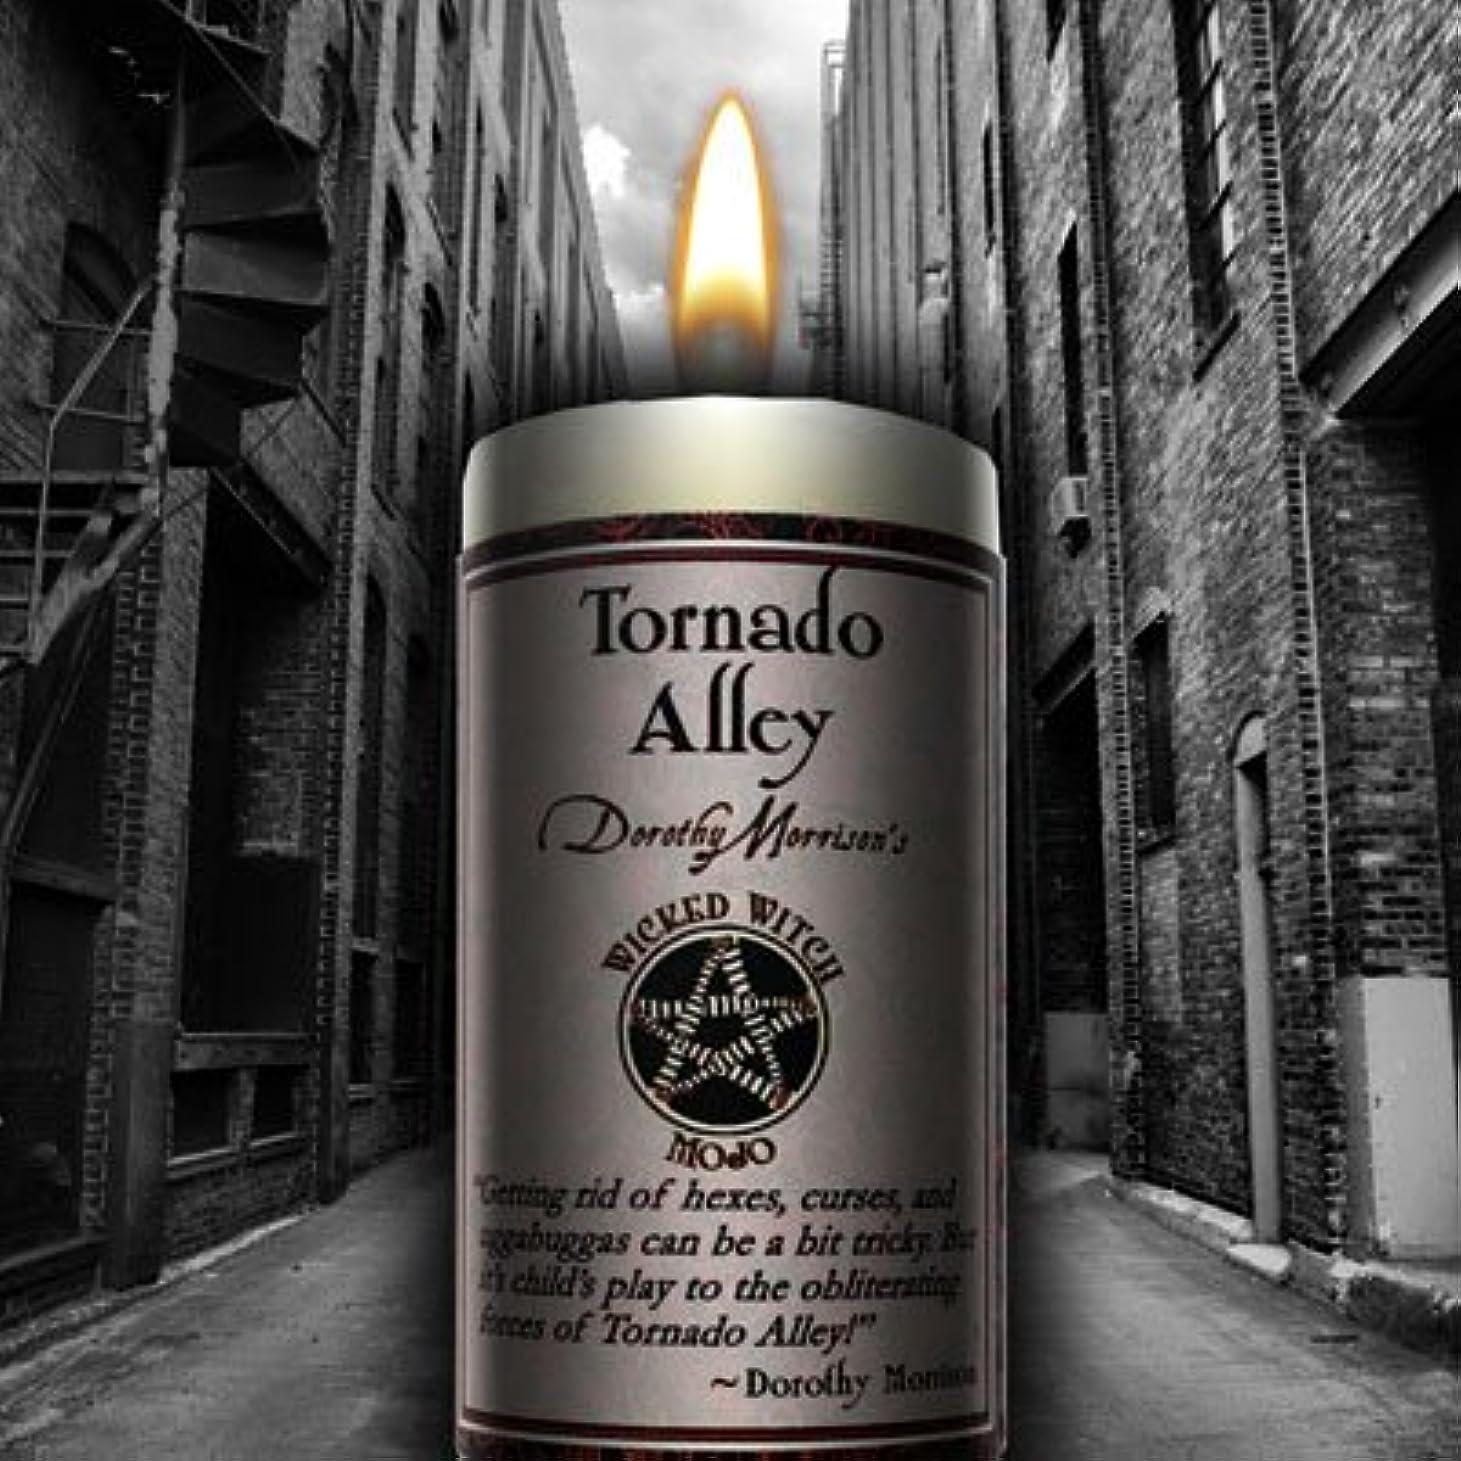 ルビー喜ぶペーストWicked Witch Mojo Tornado Alley Candle by Dorothy Morrison